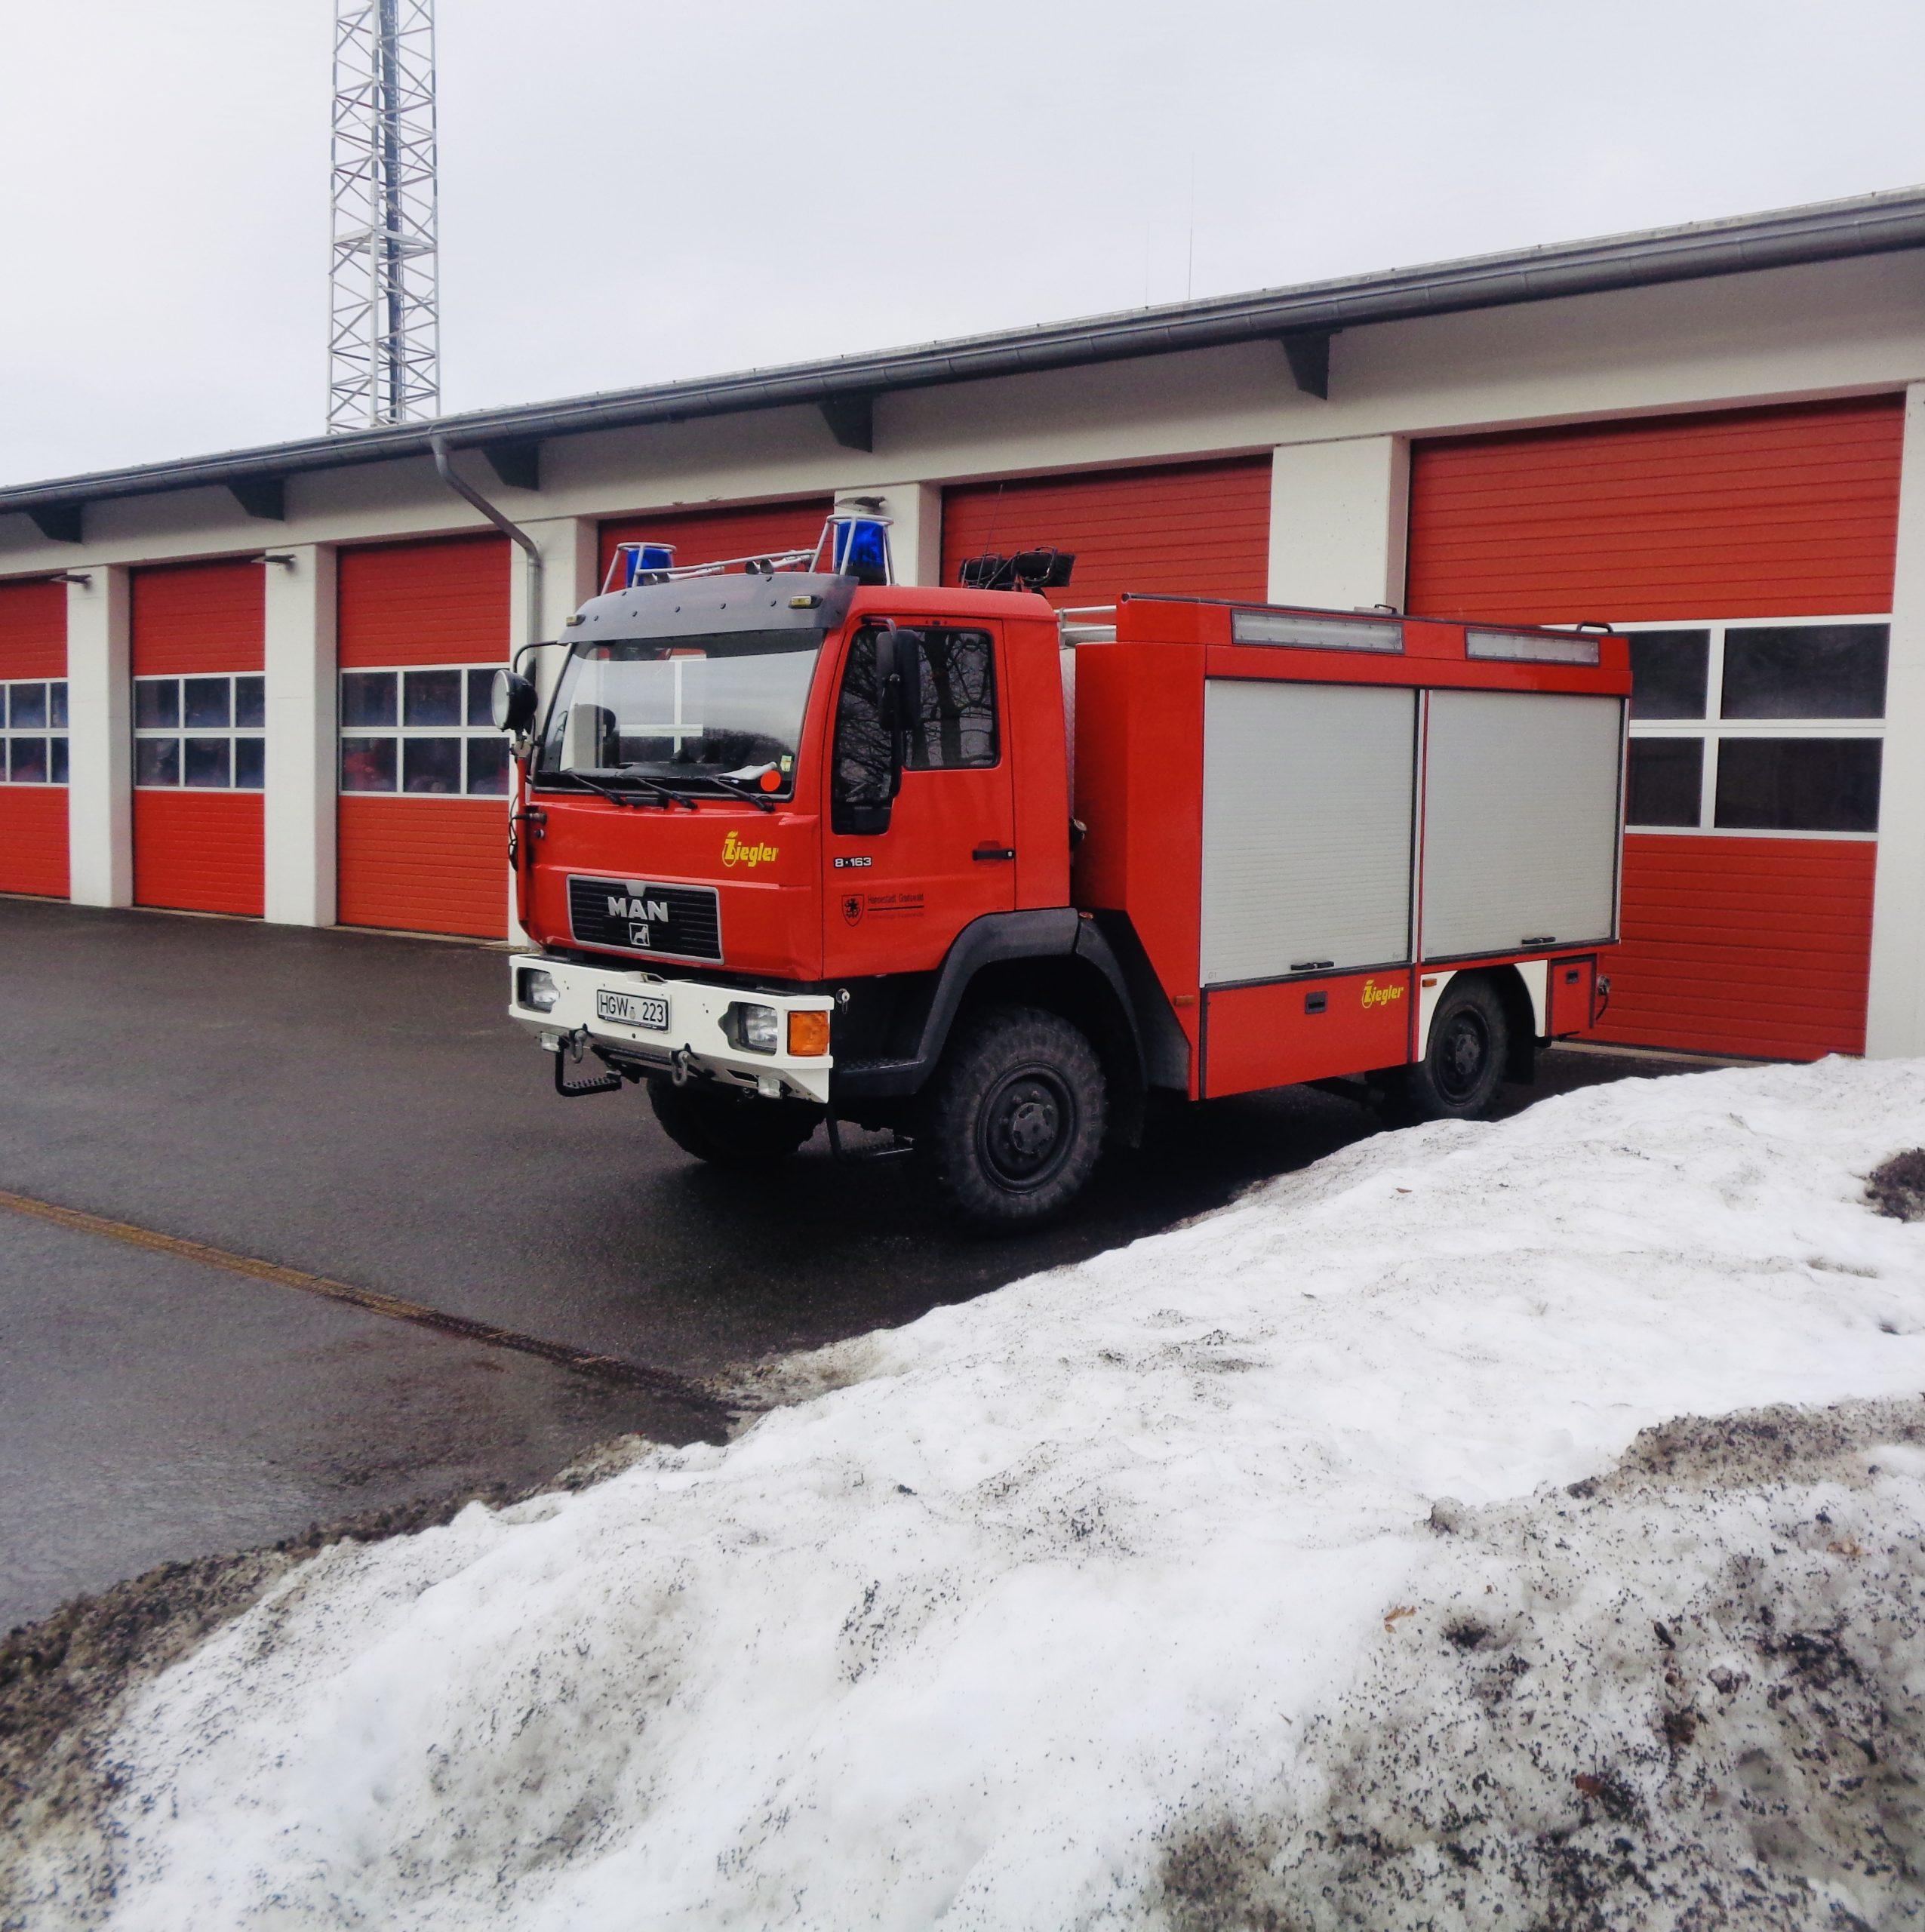 #0037 - TLF 16/24Tr Berufsfeuerwehr Greifswald